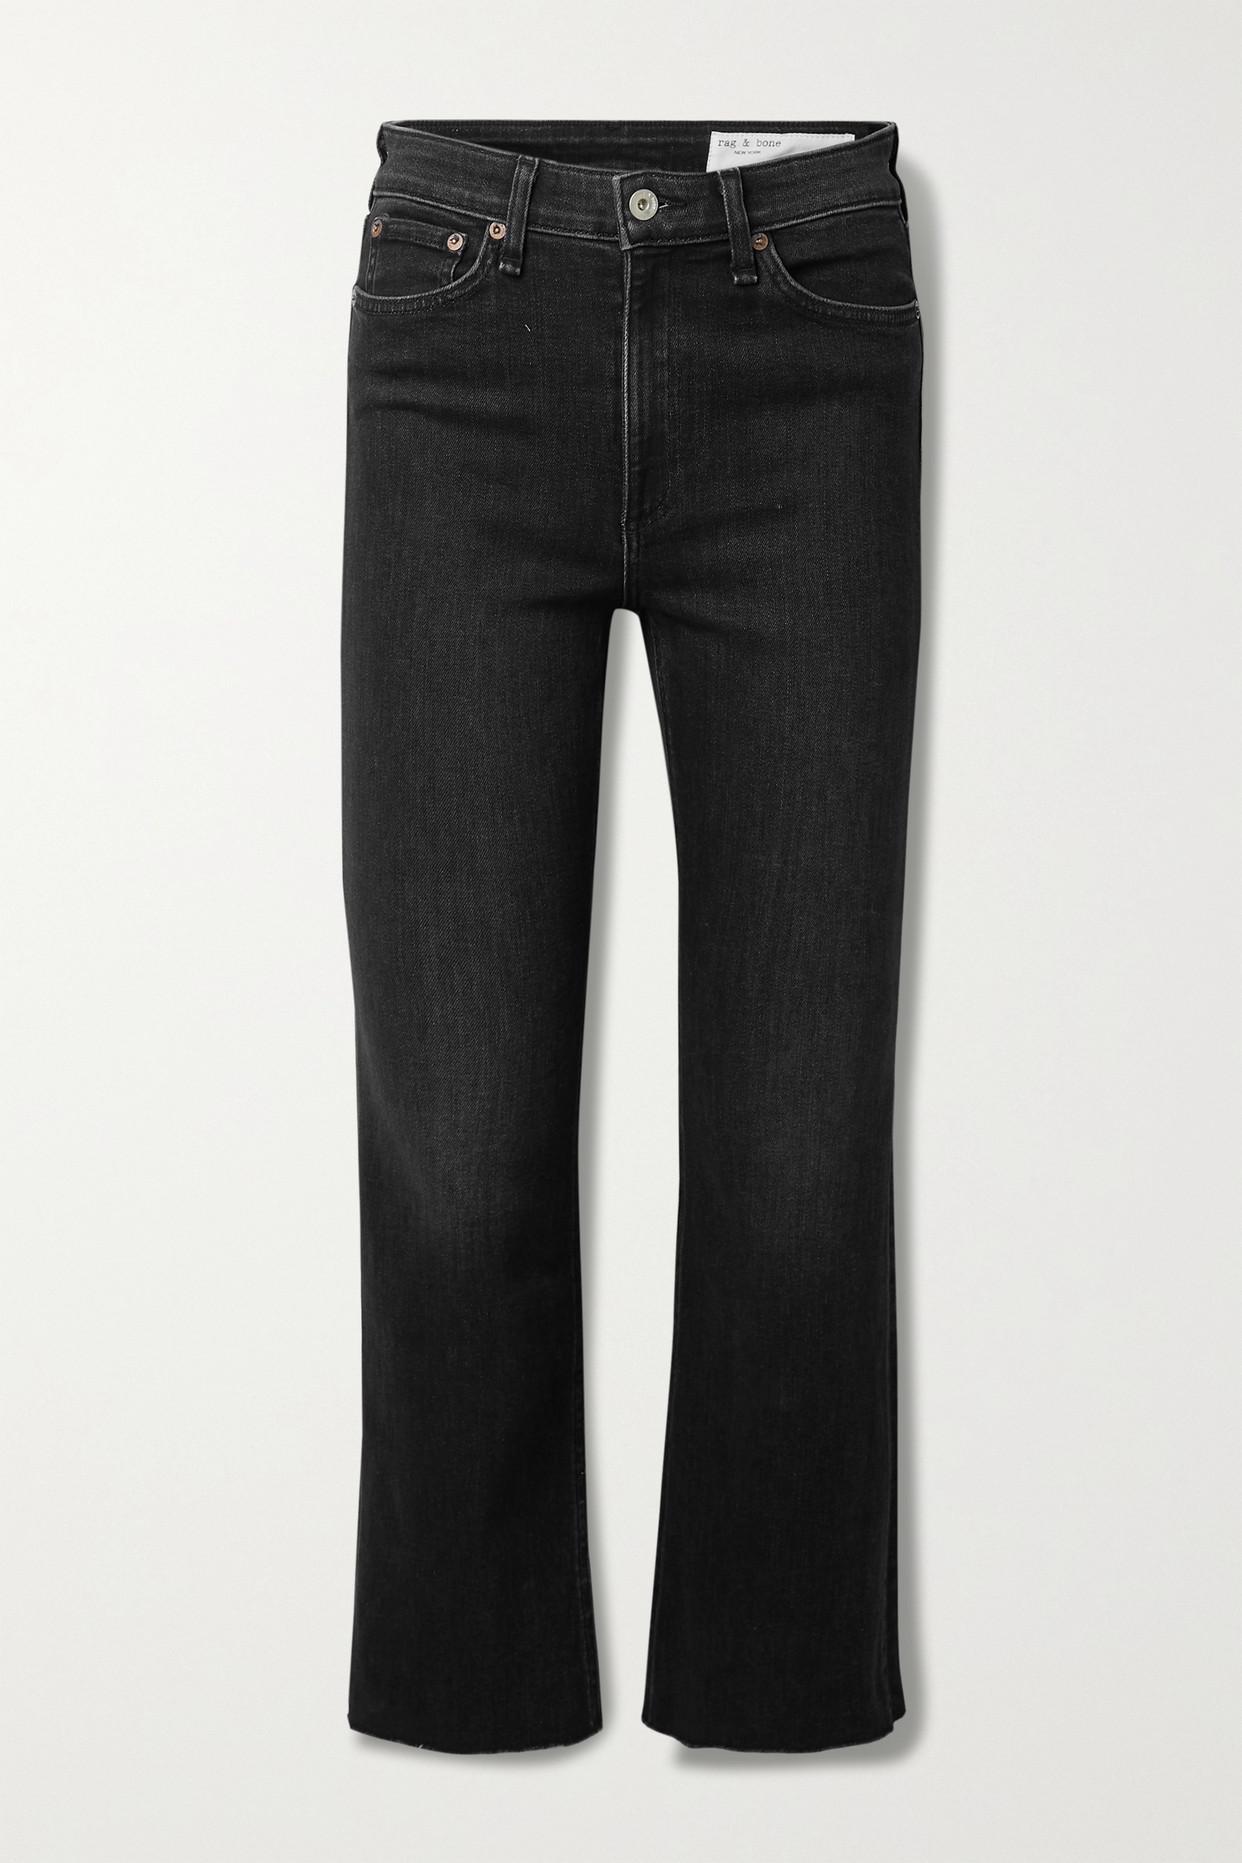 RAG & BONE - Nina Cropped High-rise Flared Jeans - Black - 26